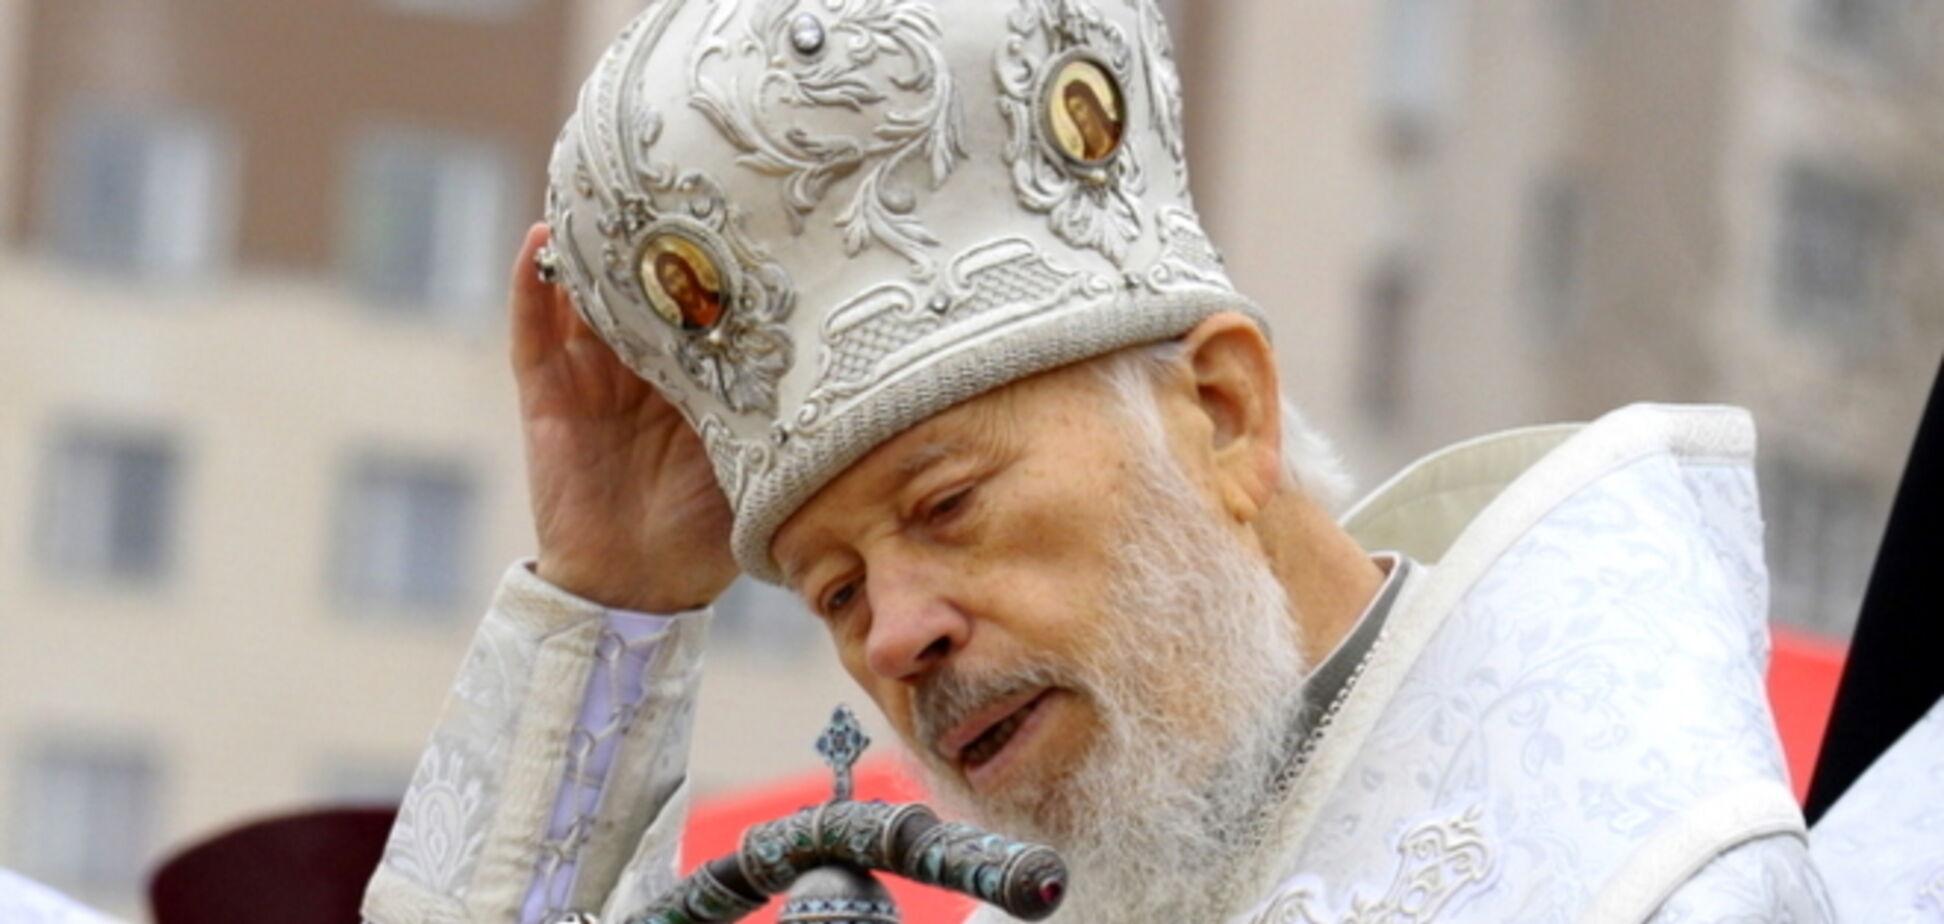 Вселенський патріарх співчуває українцям у зв'язку зі смертю митрополита Володимира